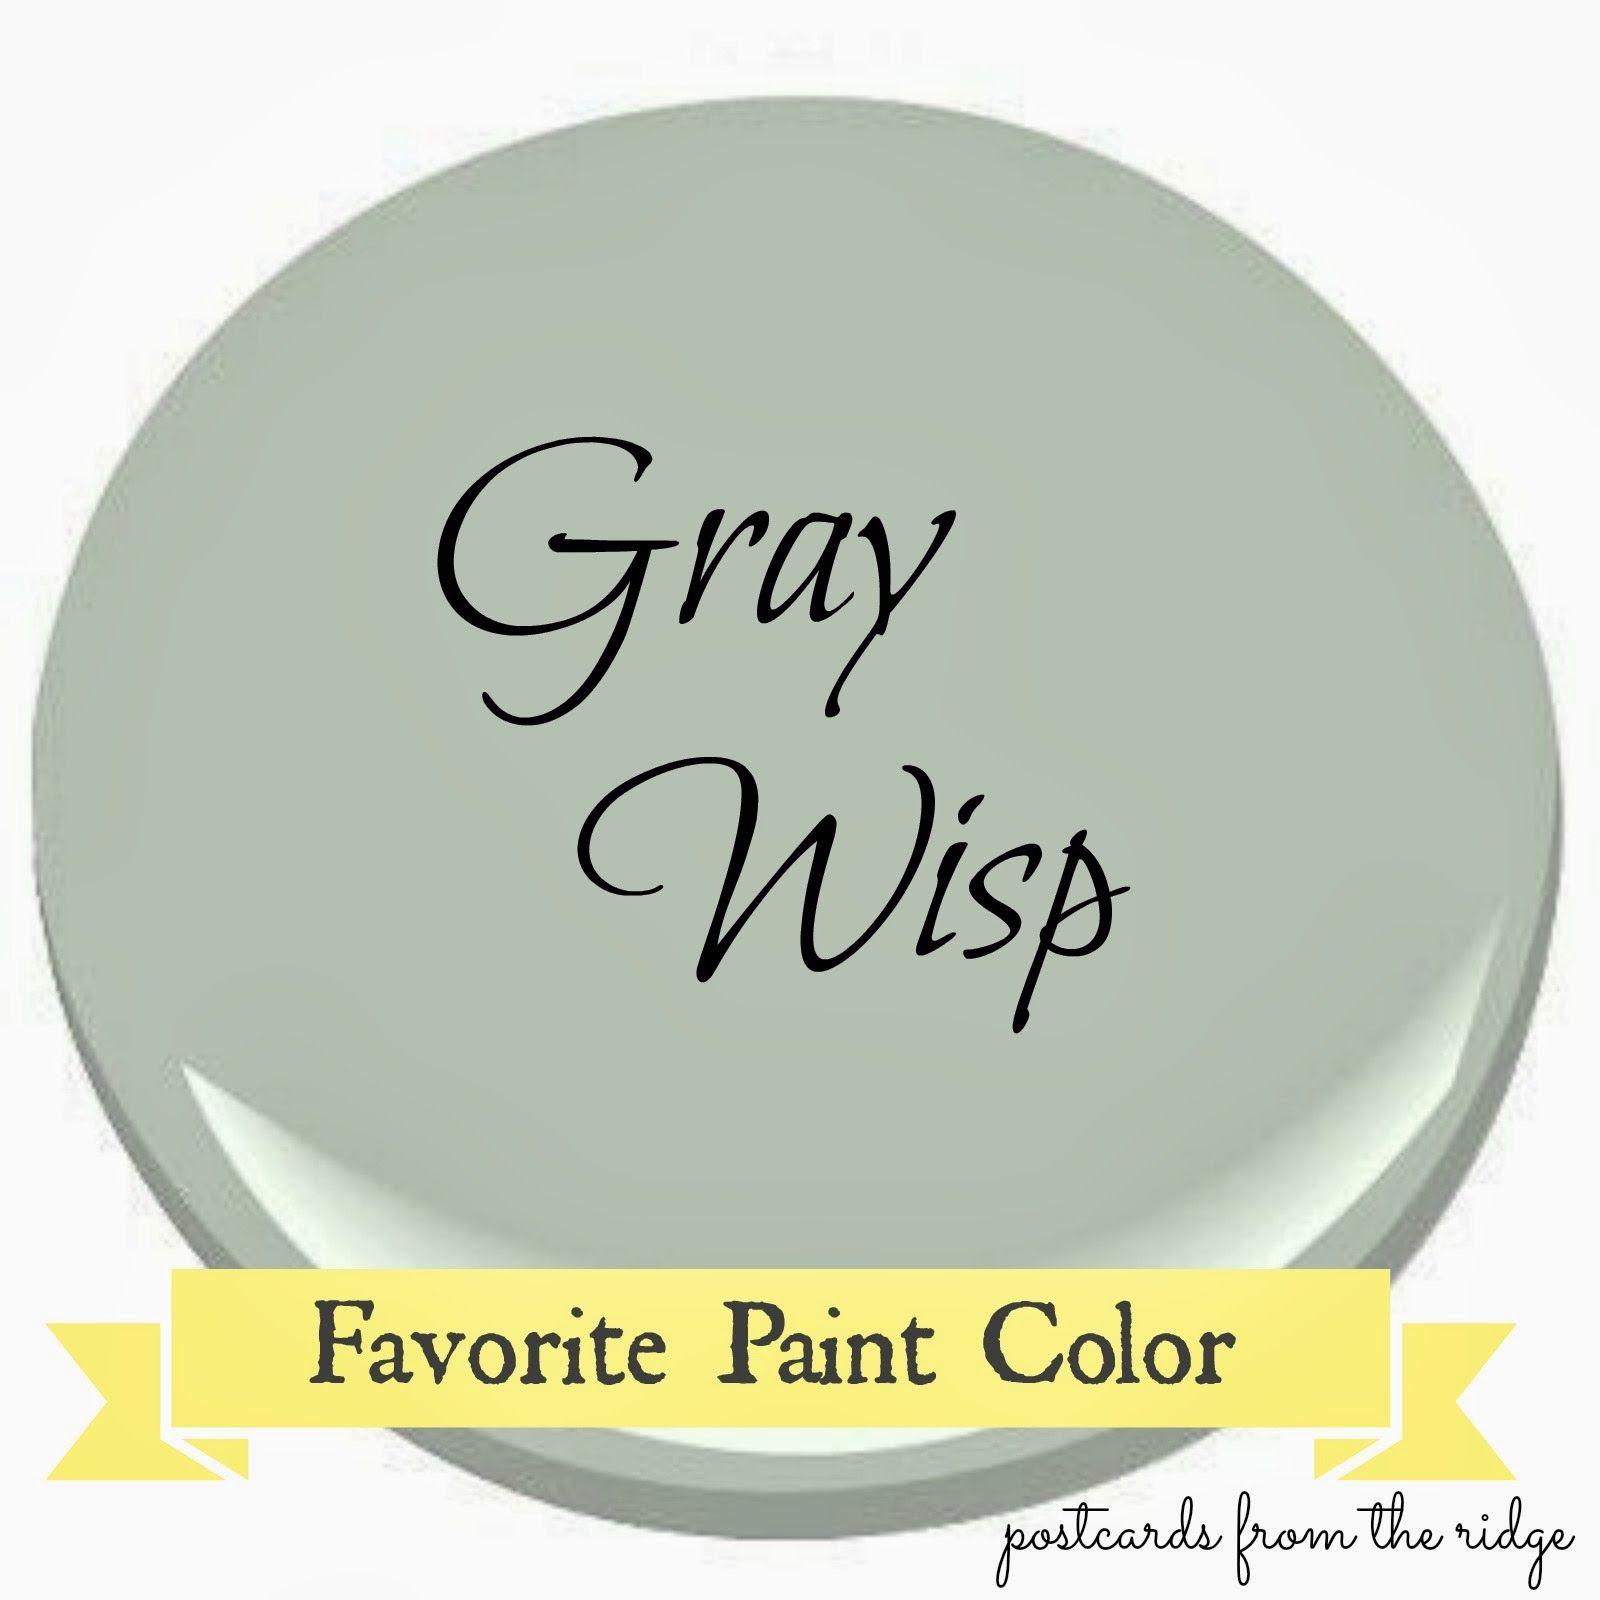 Benjamin Moore Gray Wisp ~ Favorite Paint Color #indoorpaintcolors